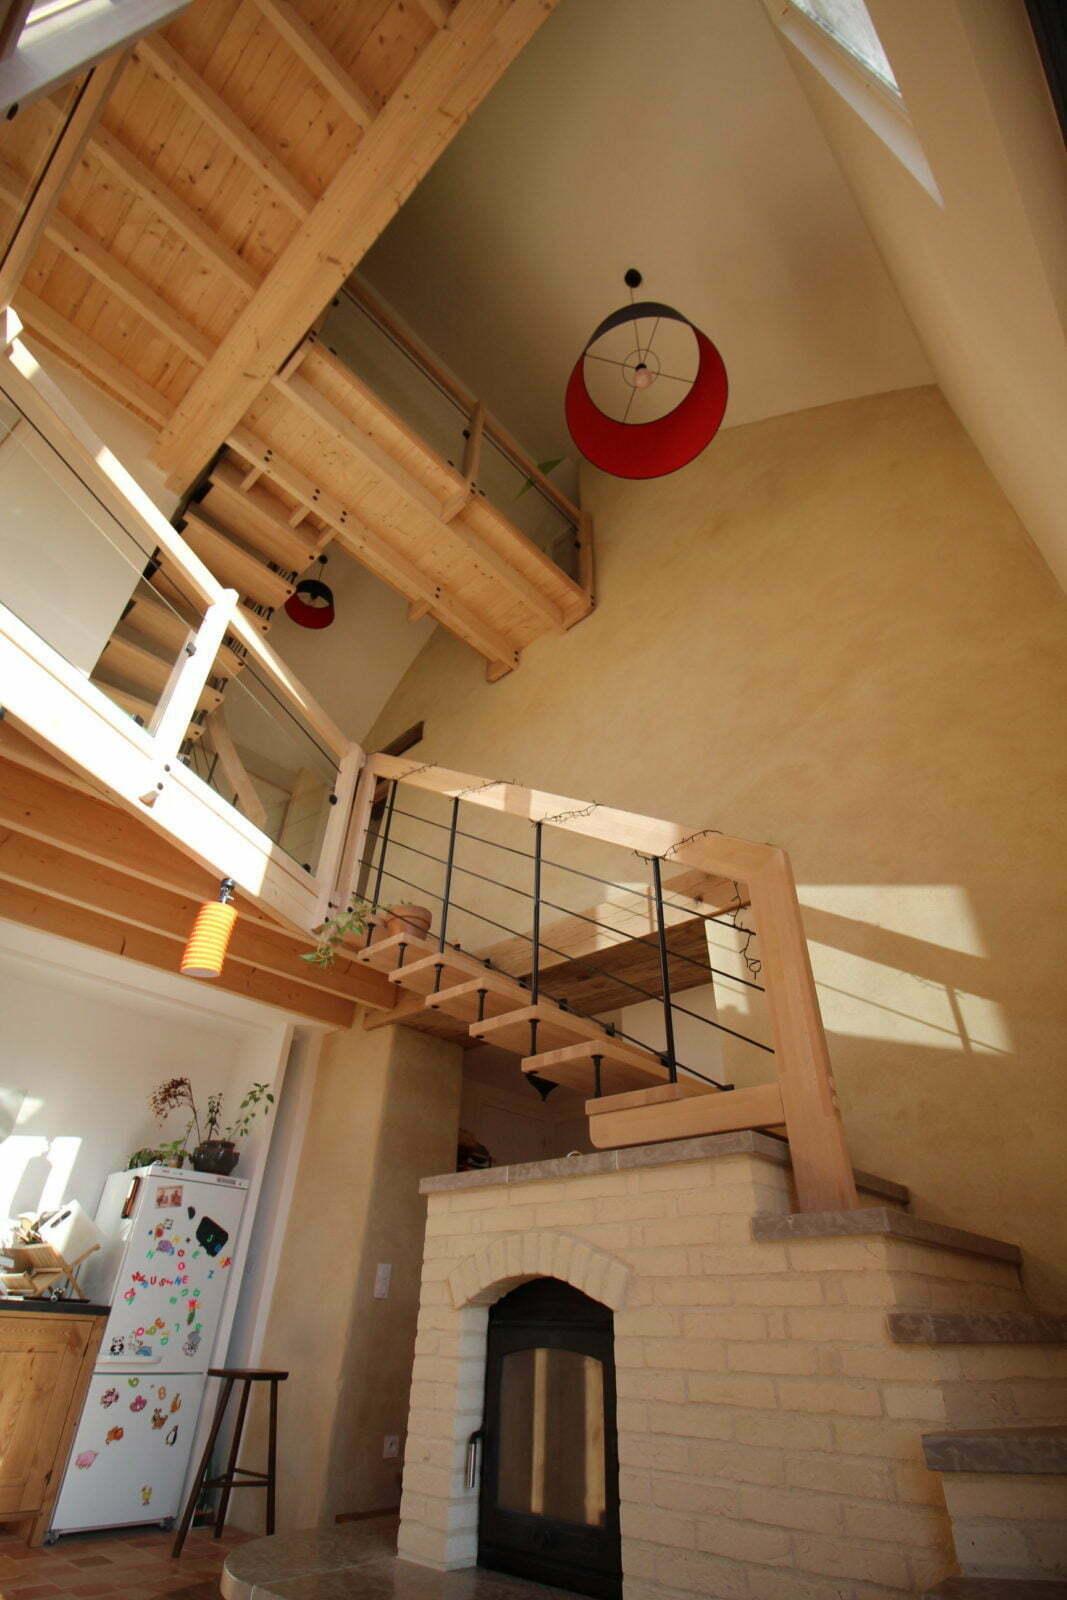 Escaliers - La pairiérie